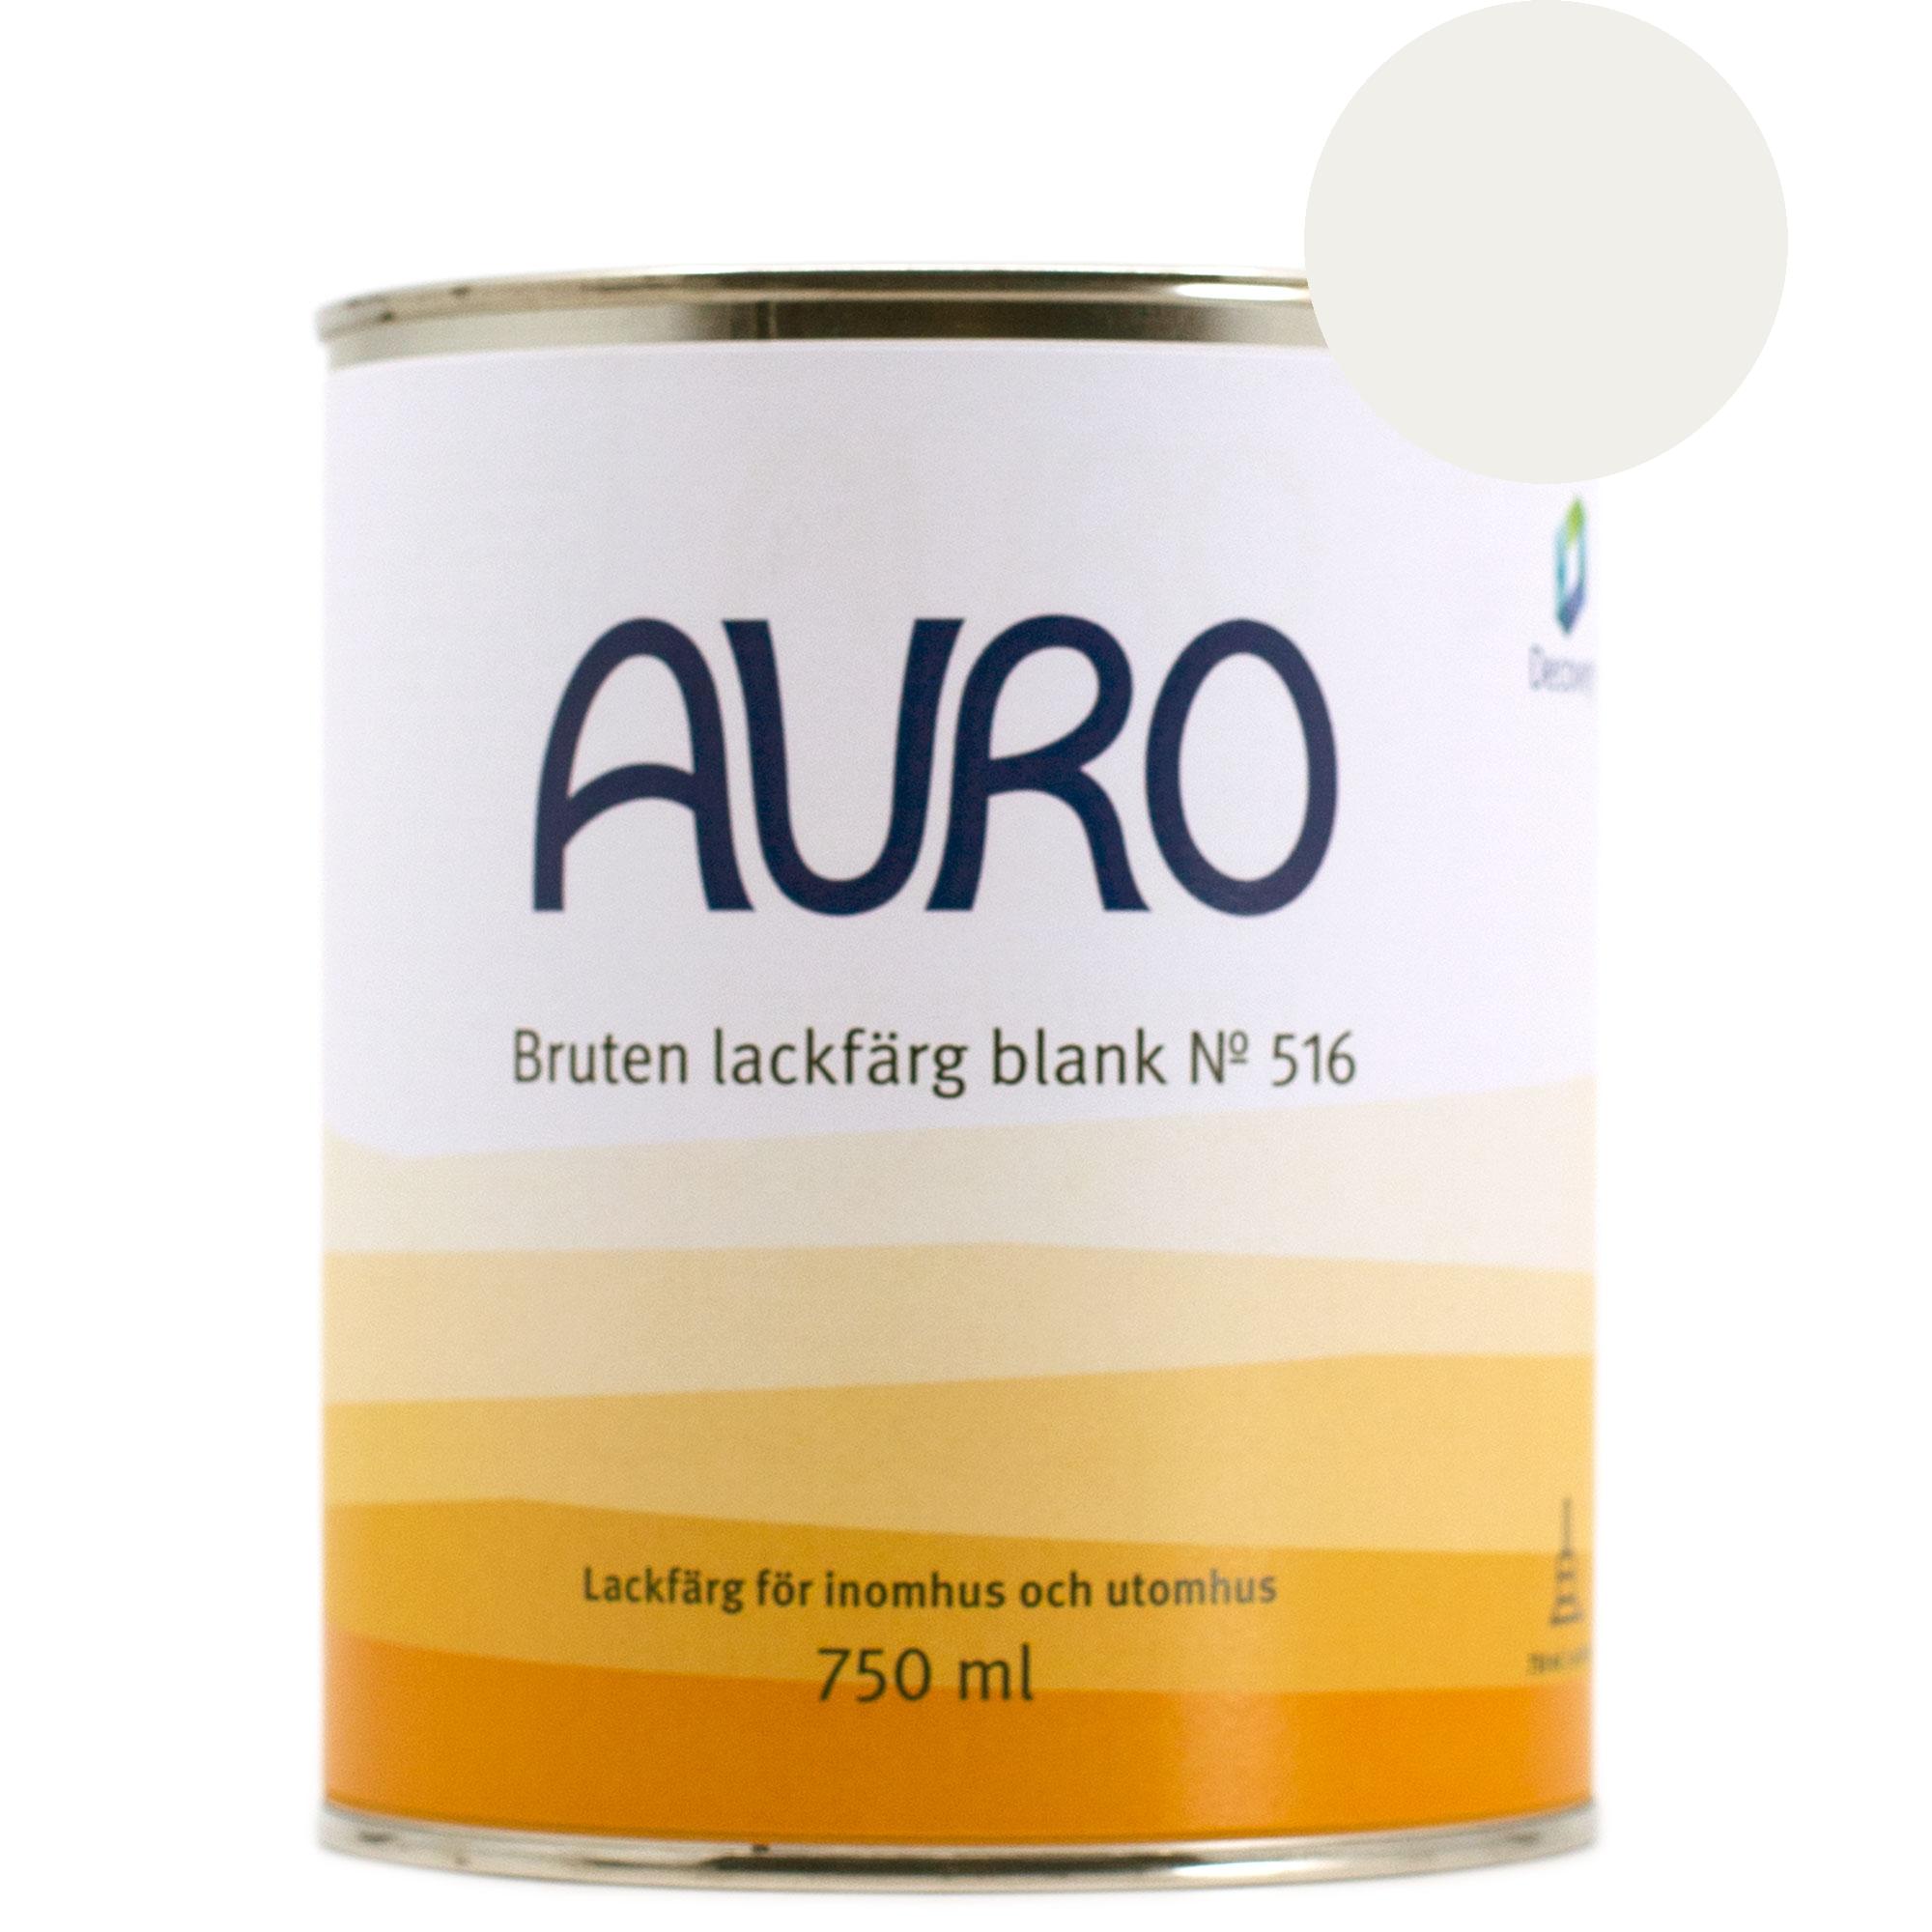 Lackfärg Blank 516 P - kulör: Marmorvit - 750 ml från Byggfabriken